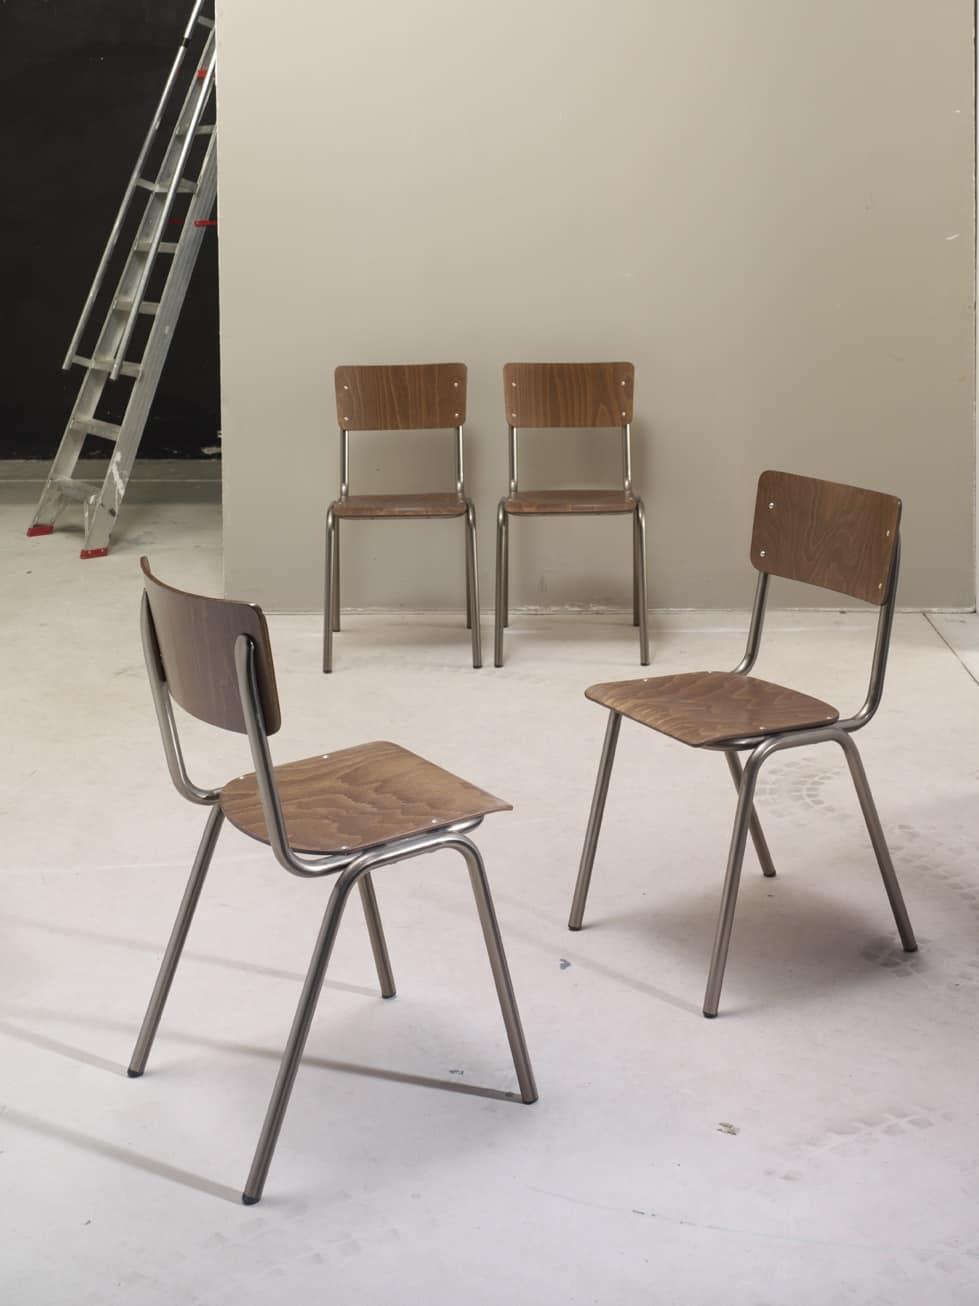 2.06.0, Metallstuhl mit Sitz und Rückenlehne aus Holz, für Kirchen